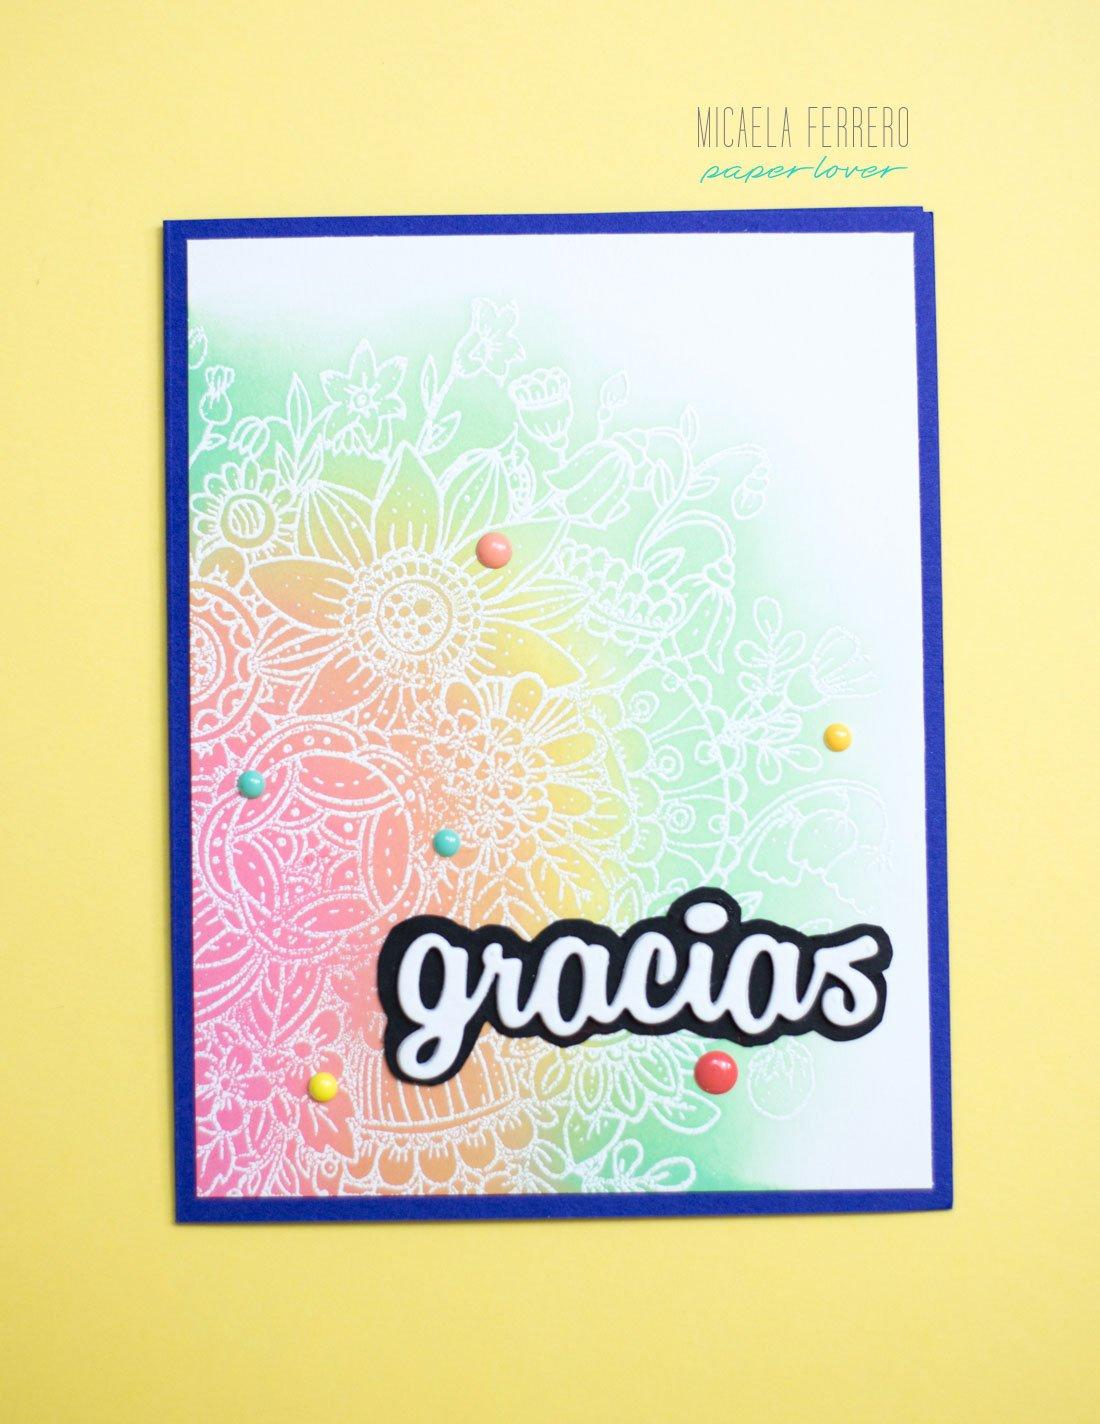 Tarjeta de agradecimiento Resistiendo el embossing con tintas Distress Oxide